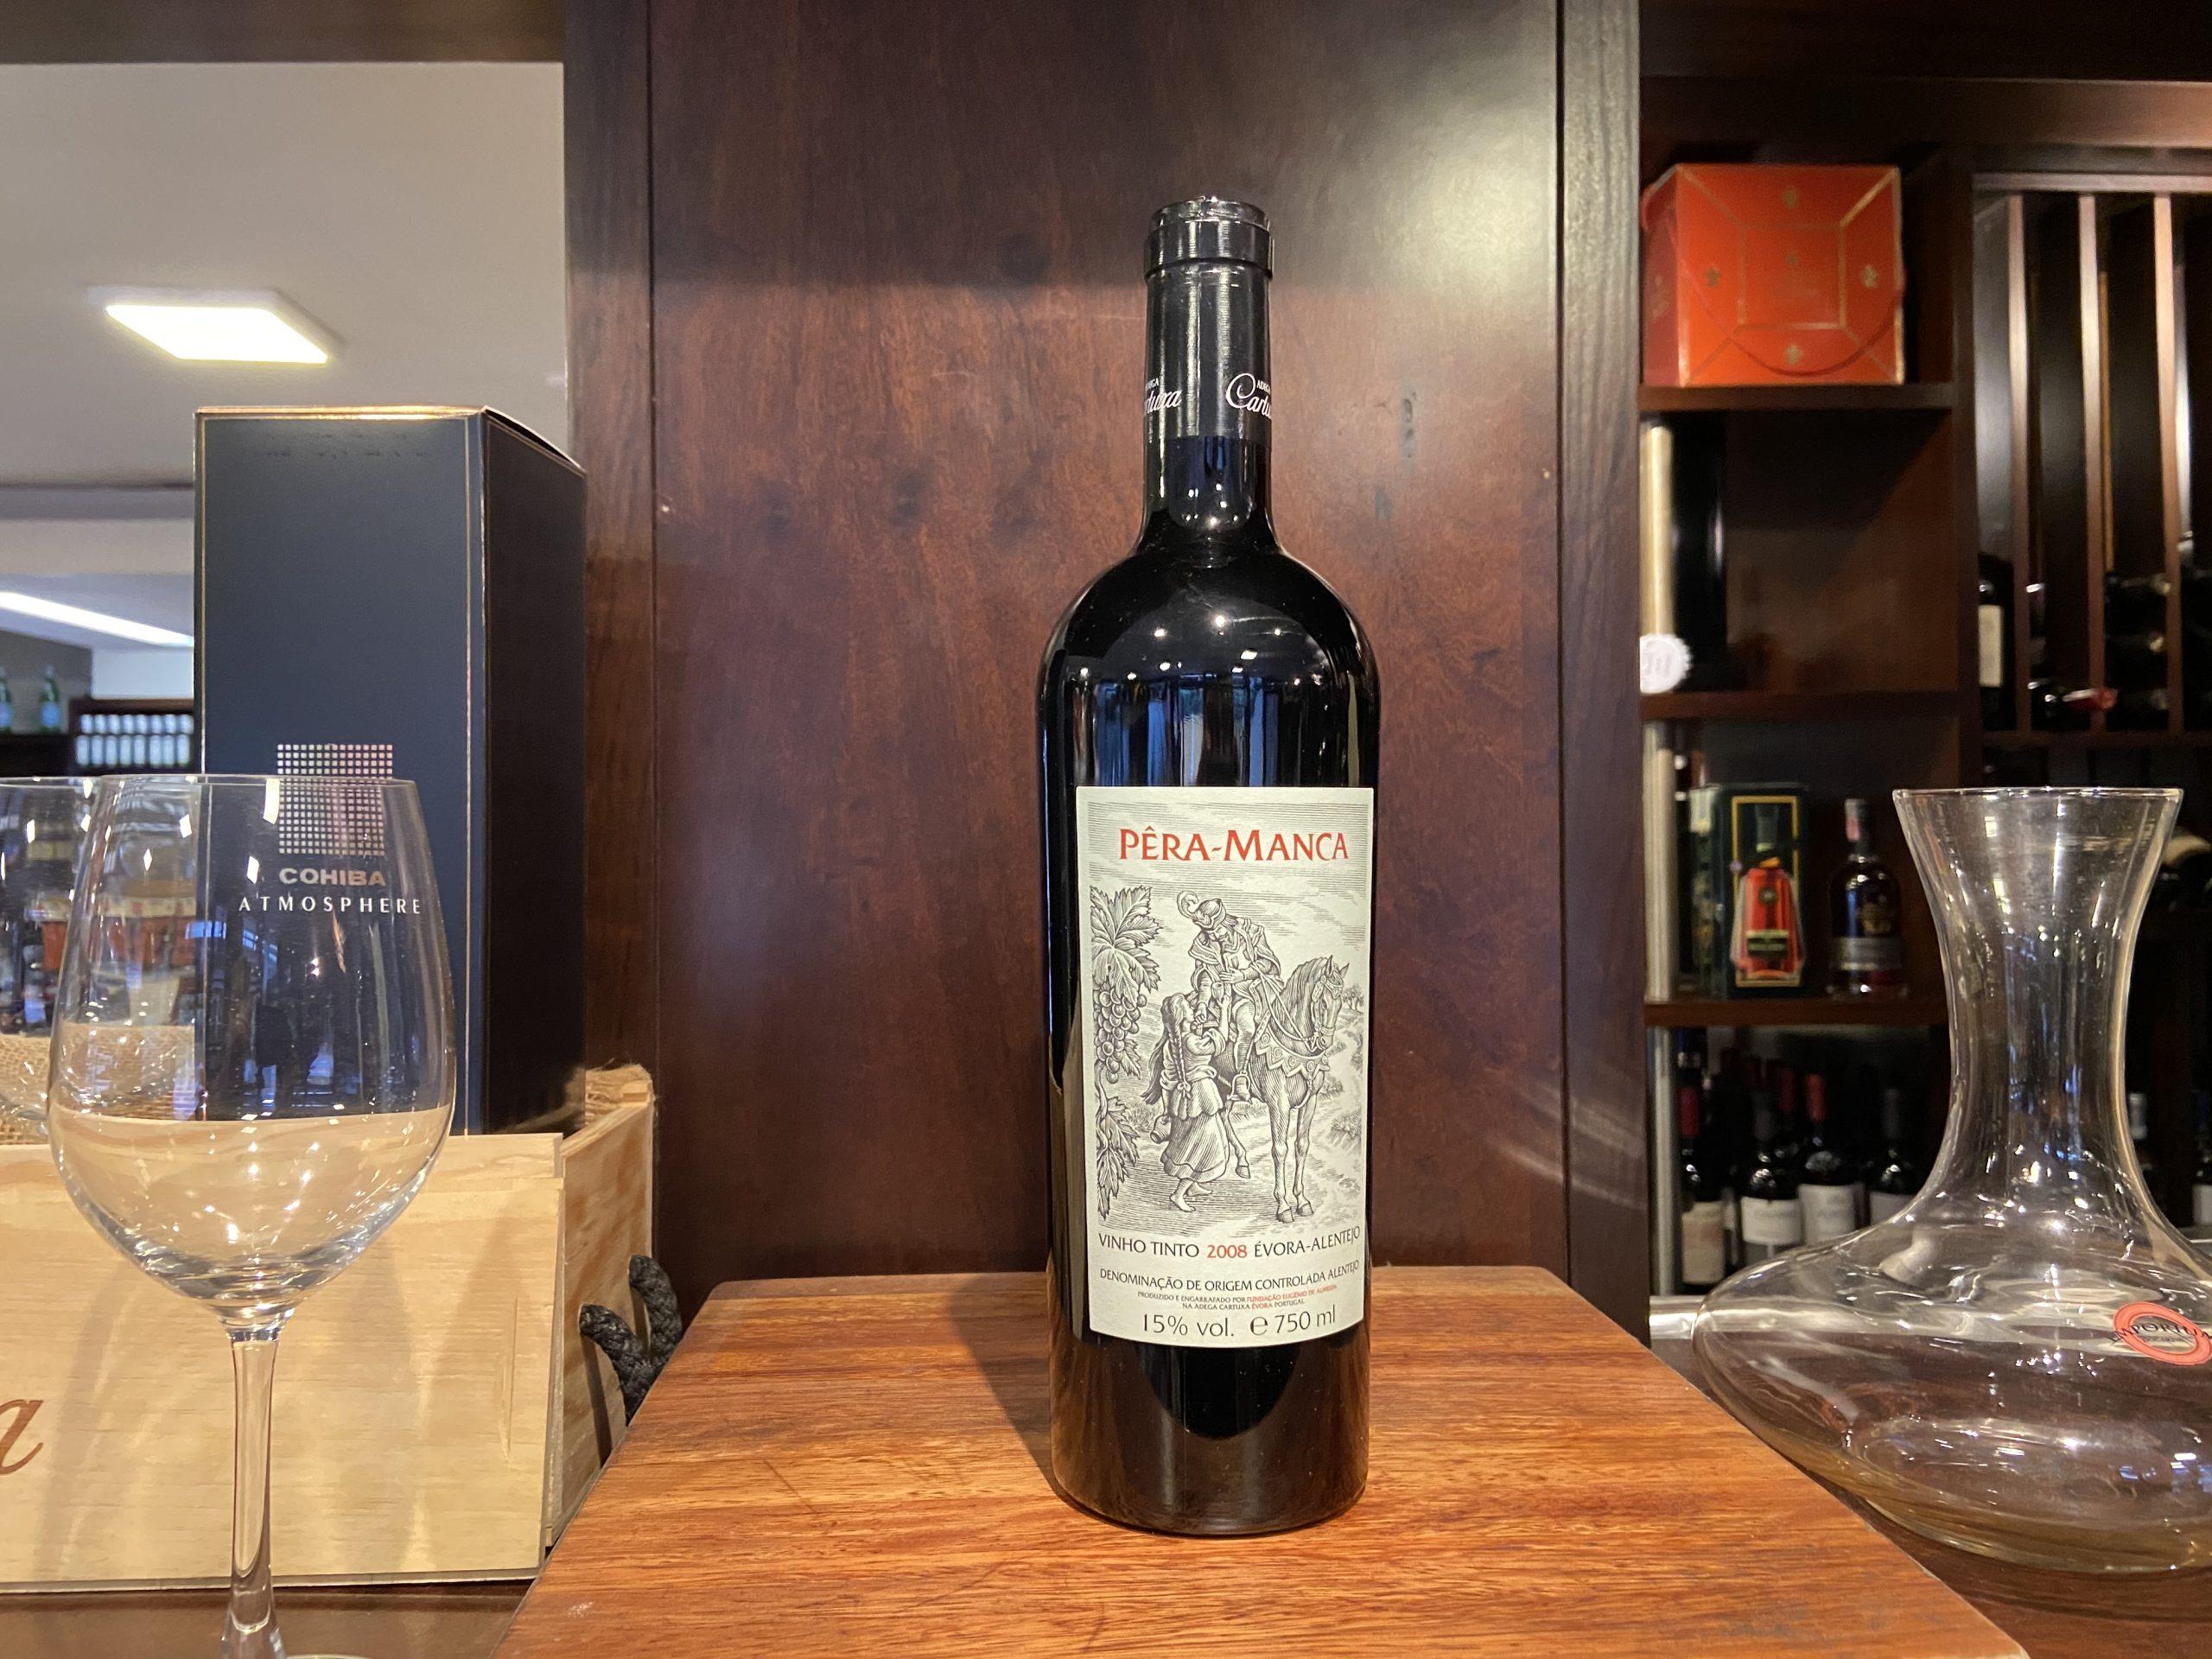 O icônico vinho alentejano Pêra-Manca Tinto safra 2008